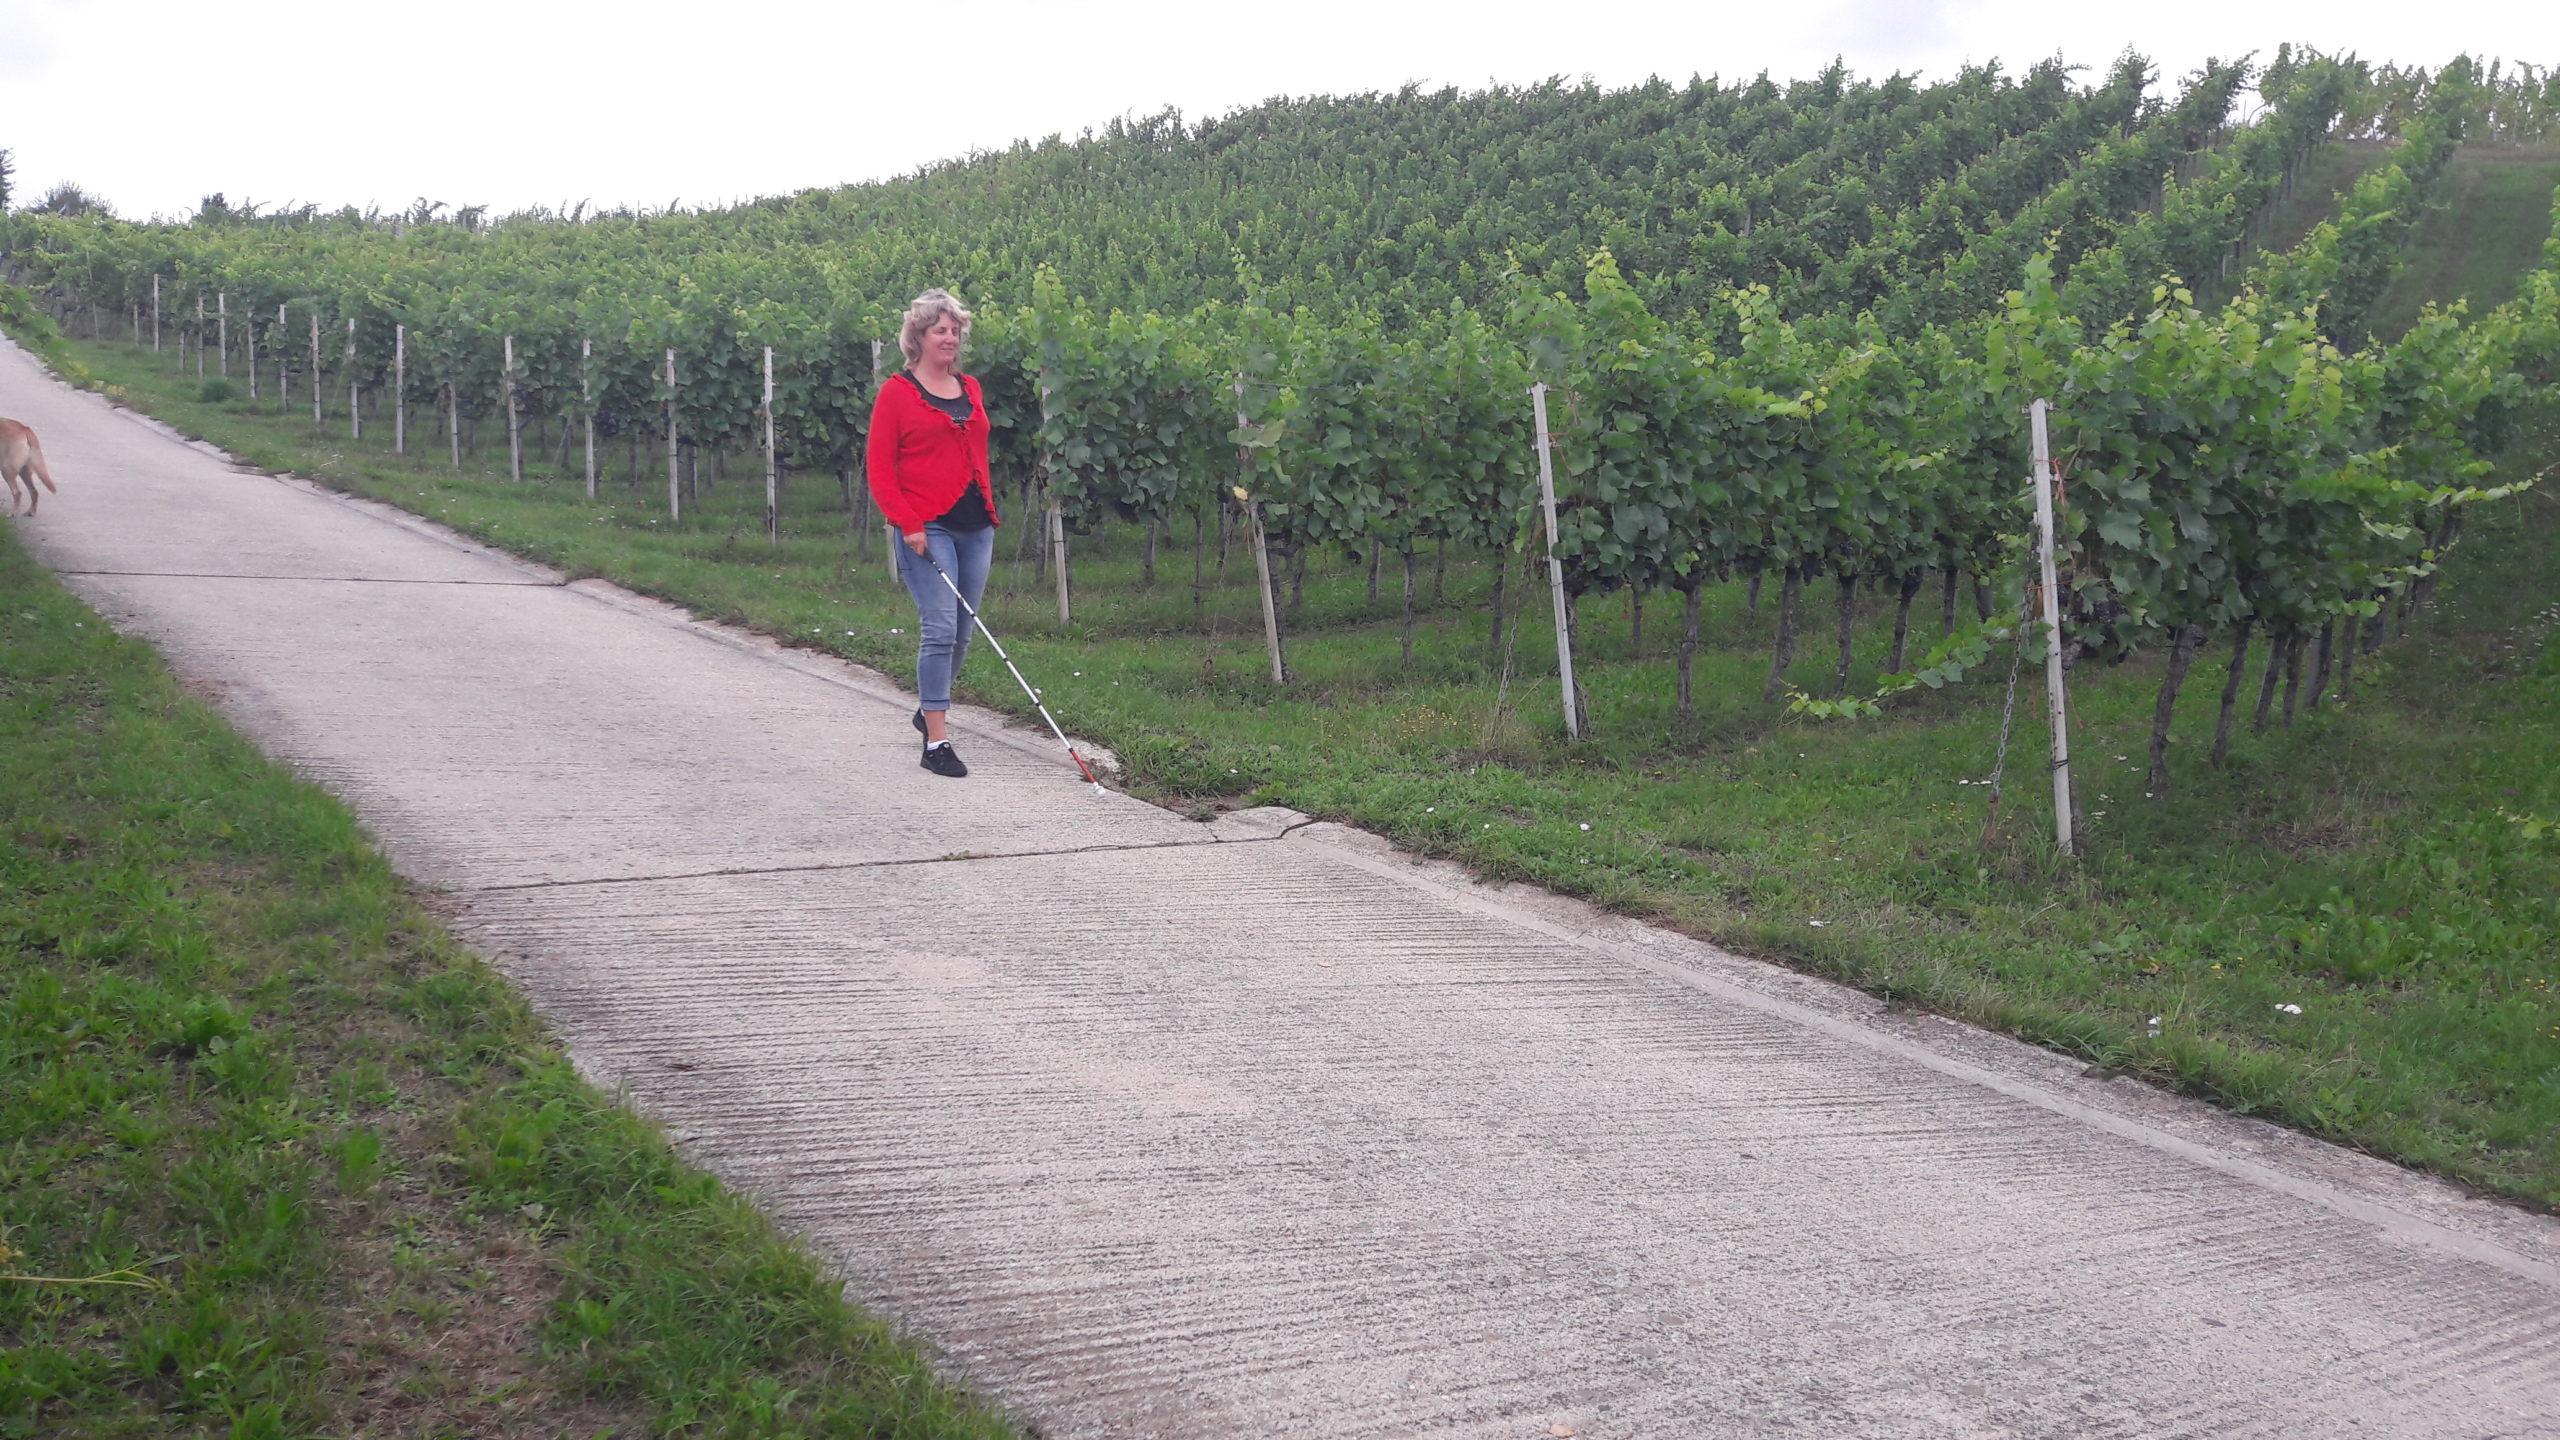 Natacha de Montmollin, aveugle, marche avec une canne